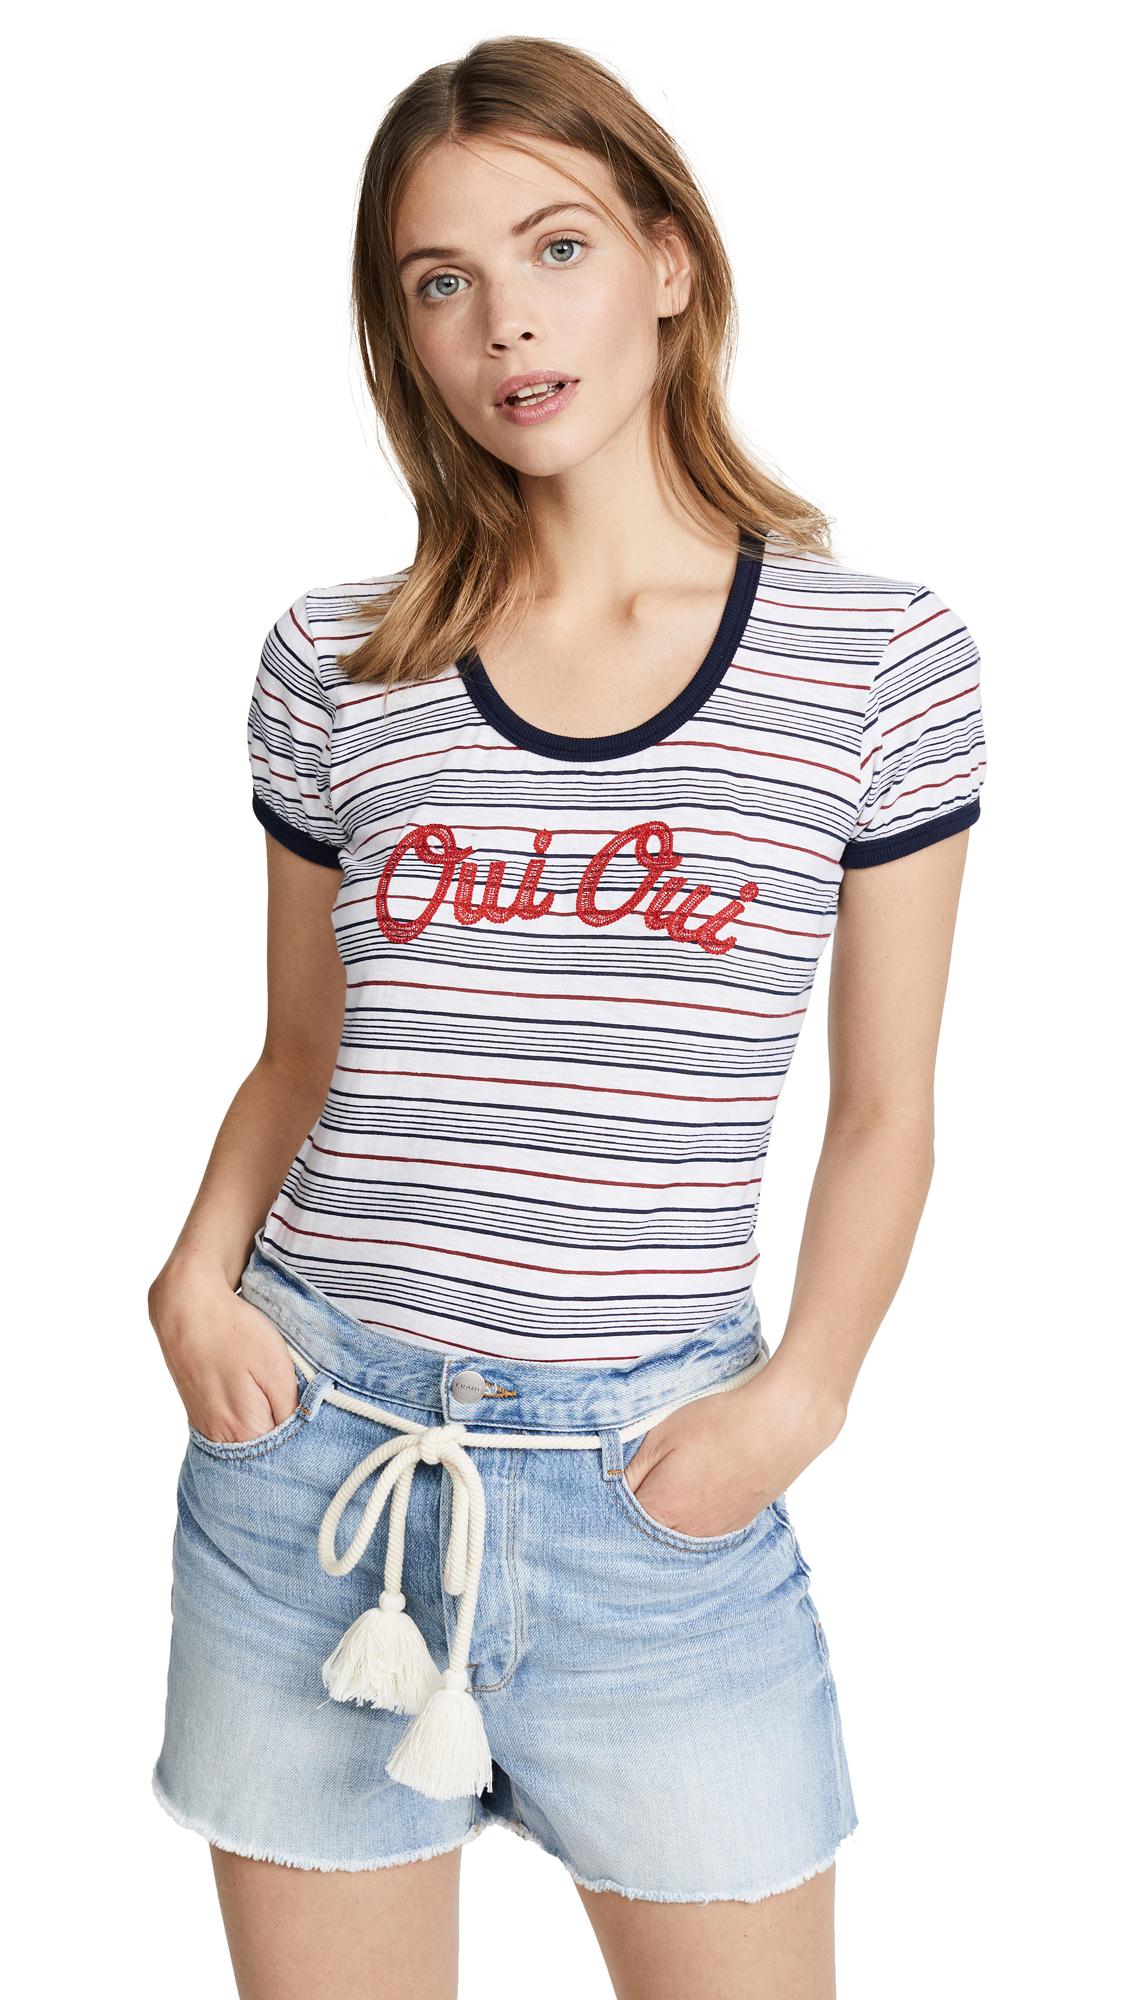 SUNDRY Oui Oui Girl Tee